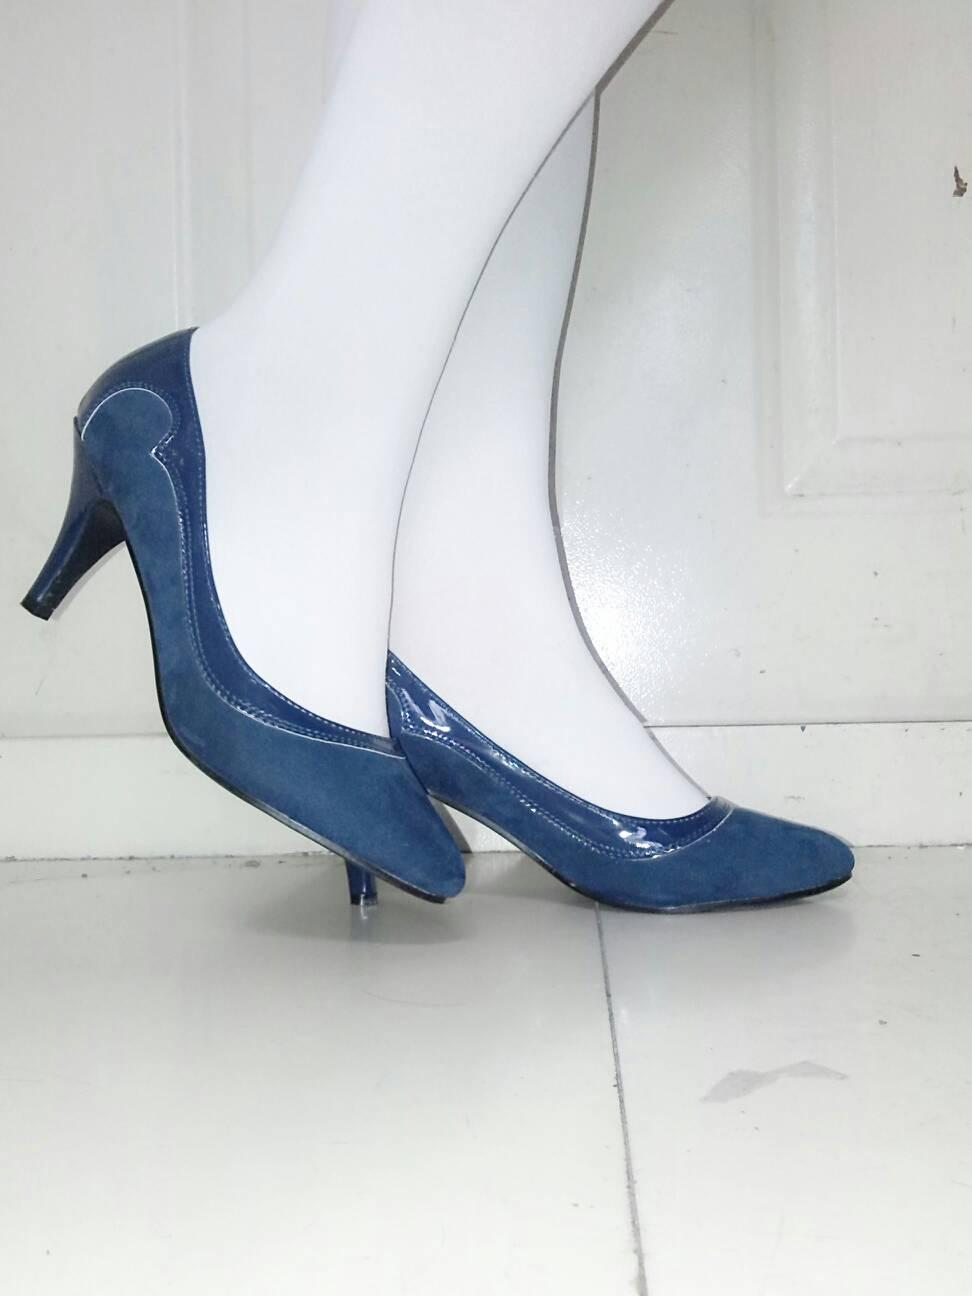 裸色高跟鞋配什么颜色的丝袜好看图片